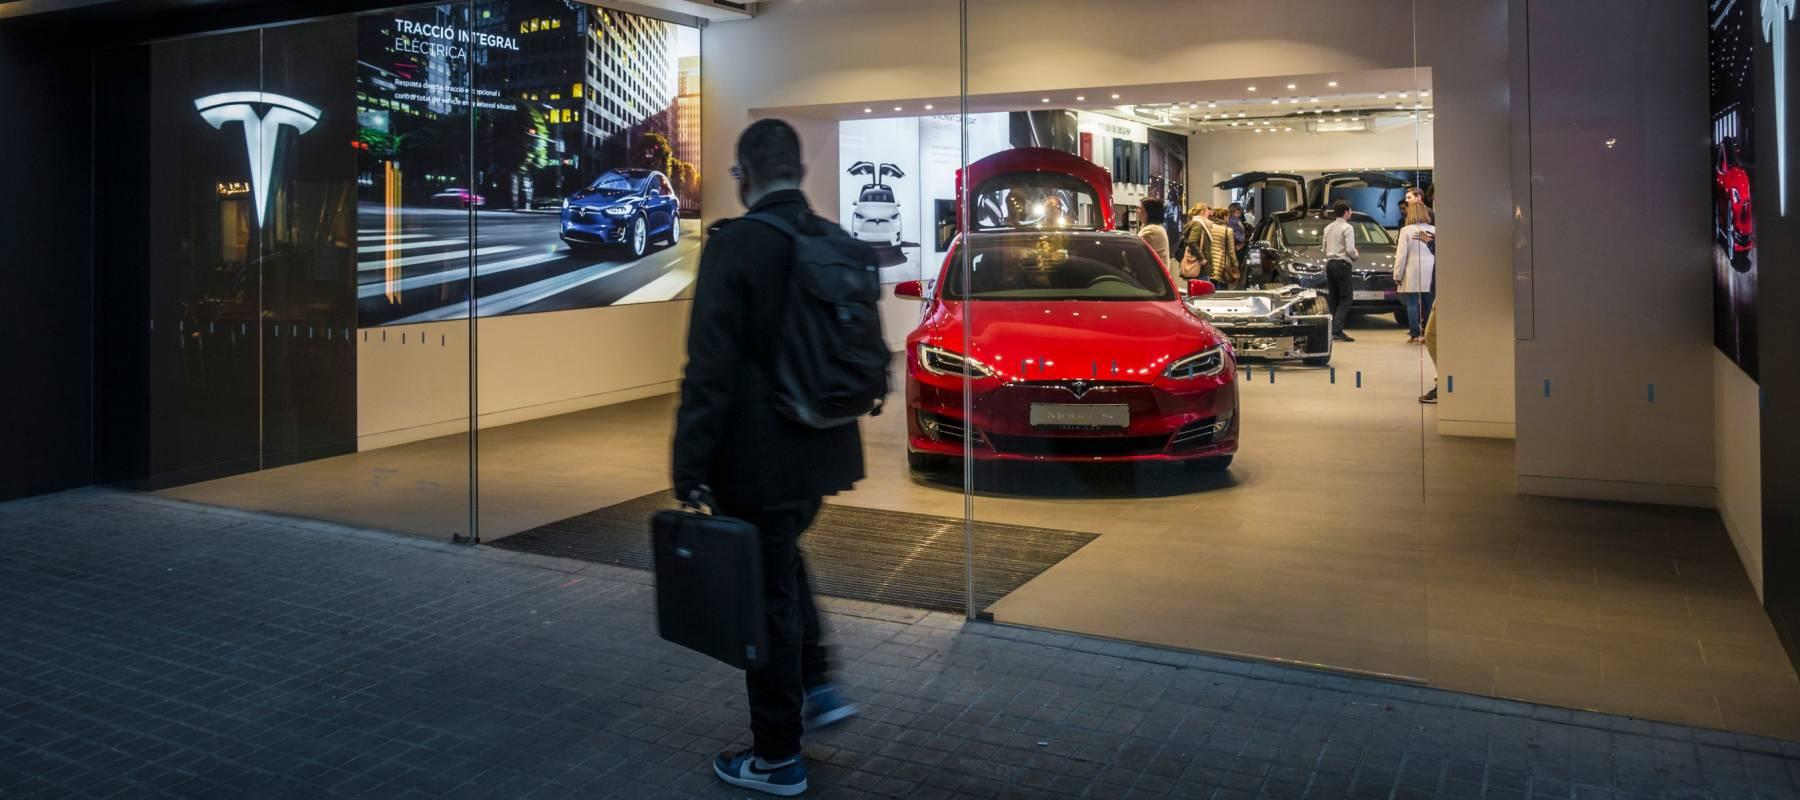 How Do I Buy A Tesla